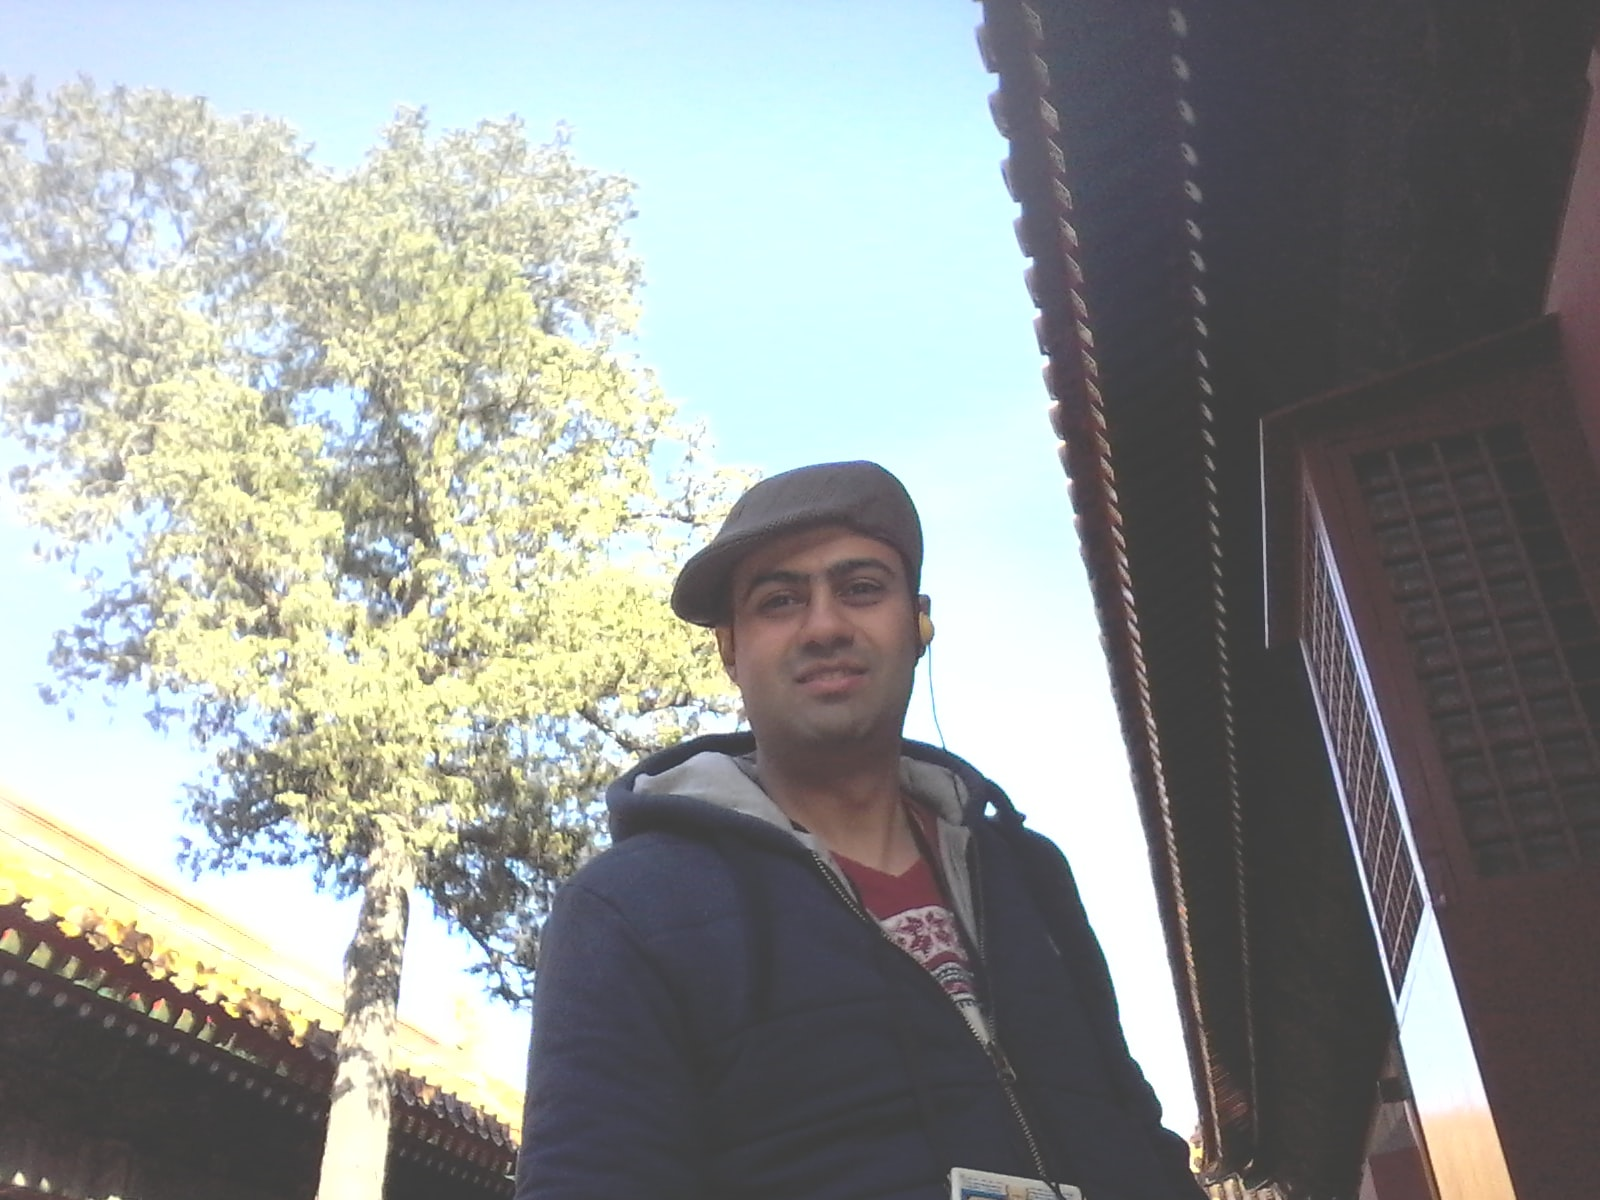 Go to Amin Hosseinzadeh FARDNIA's profile